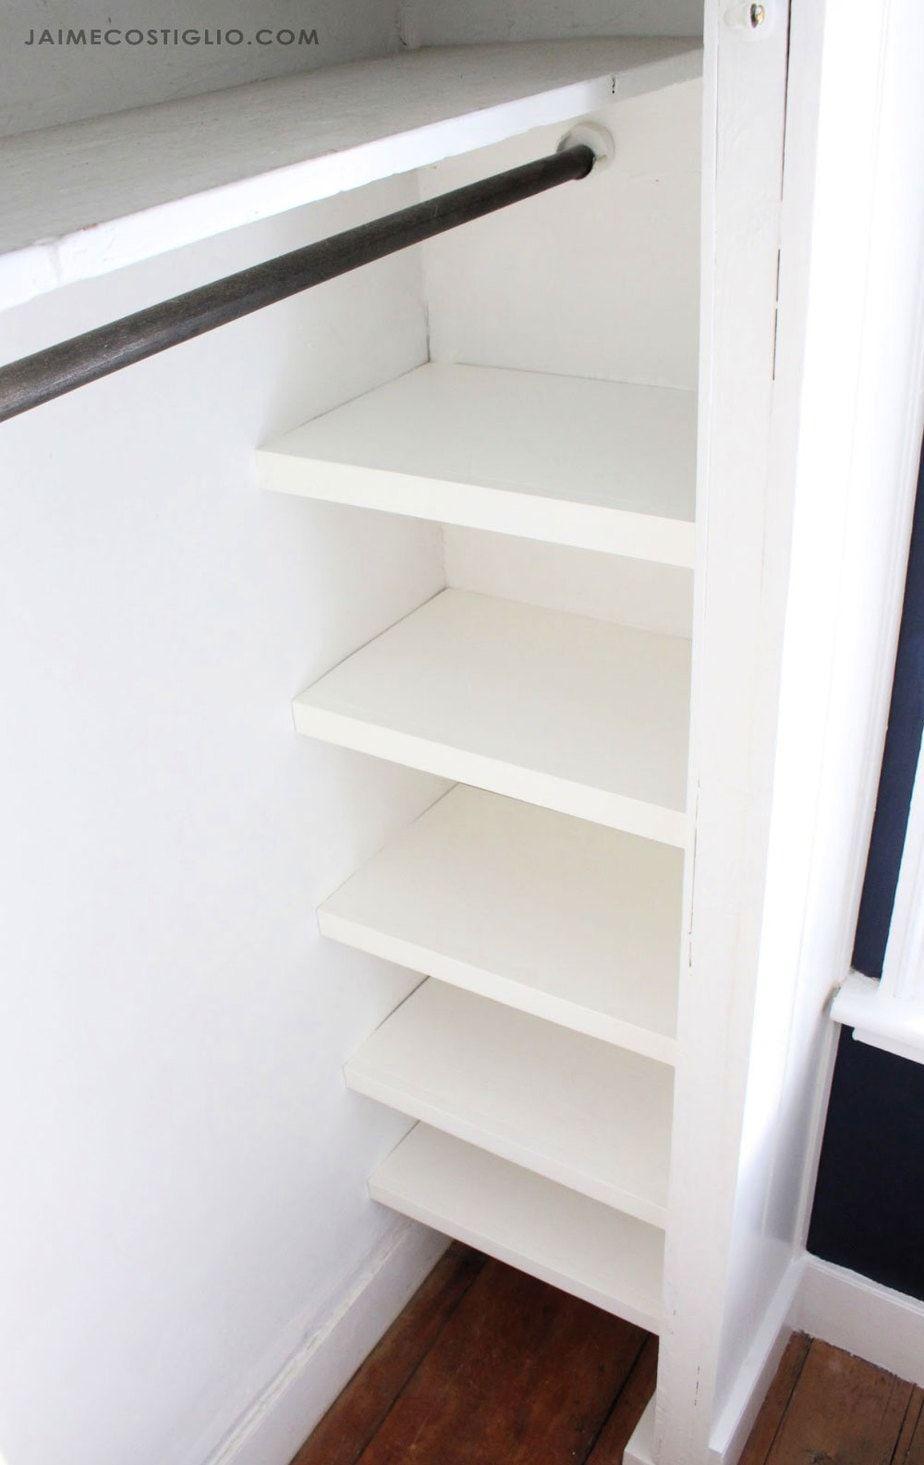 Easy Closet Shelves - Jaime Costiglio